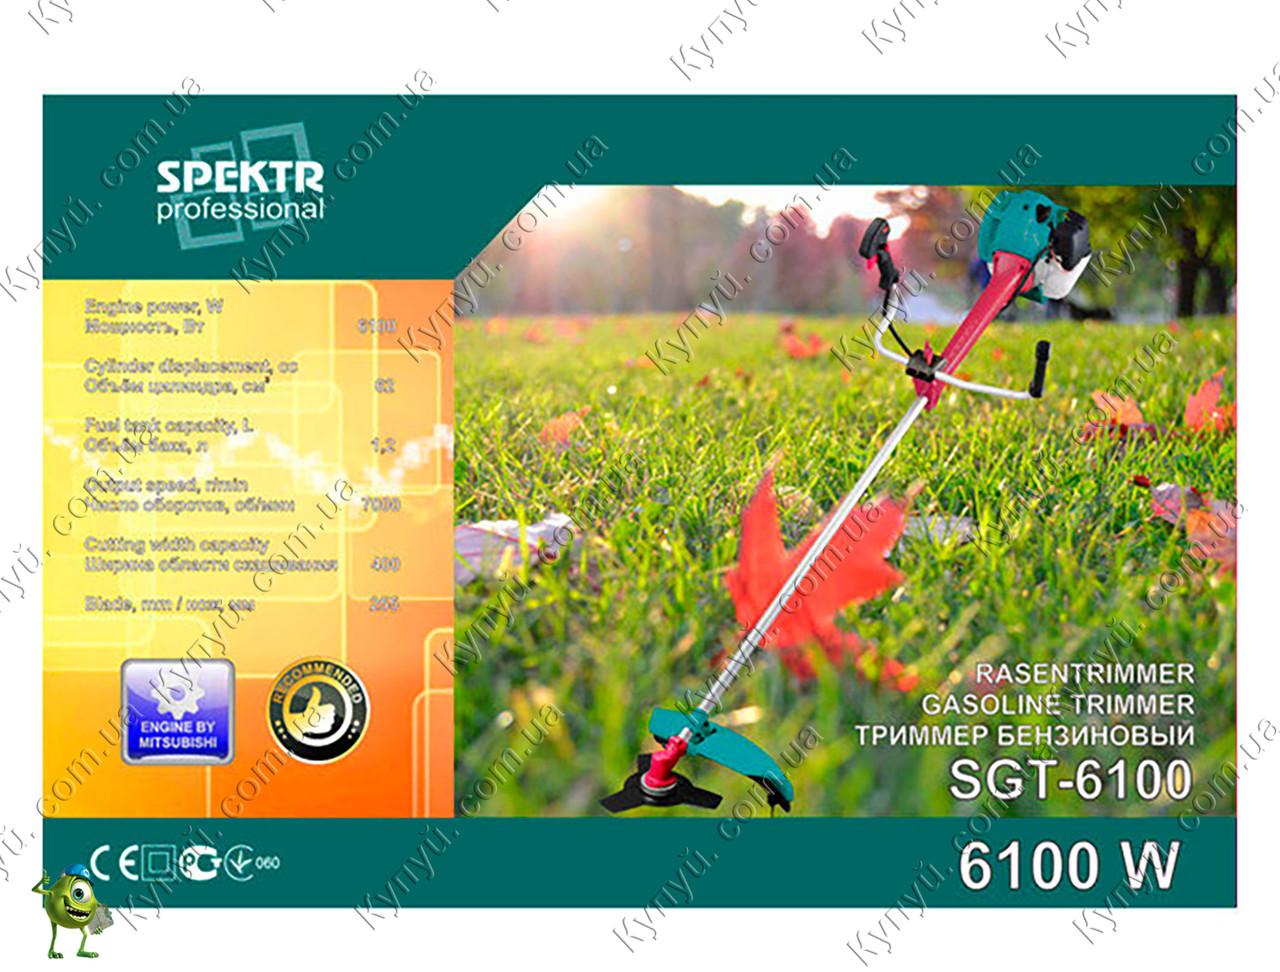 Мотокоса Spektr SGT-6100 3 ножа, 2 катушки супер  двойной ремень